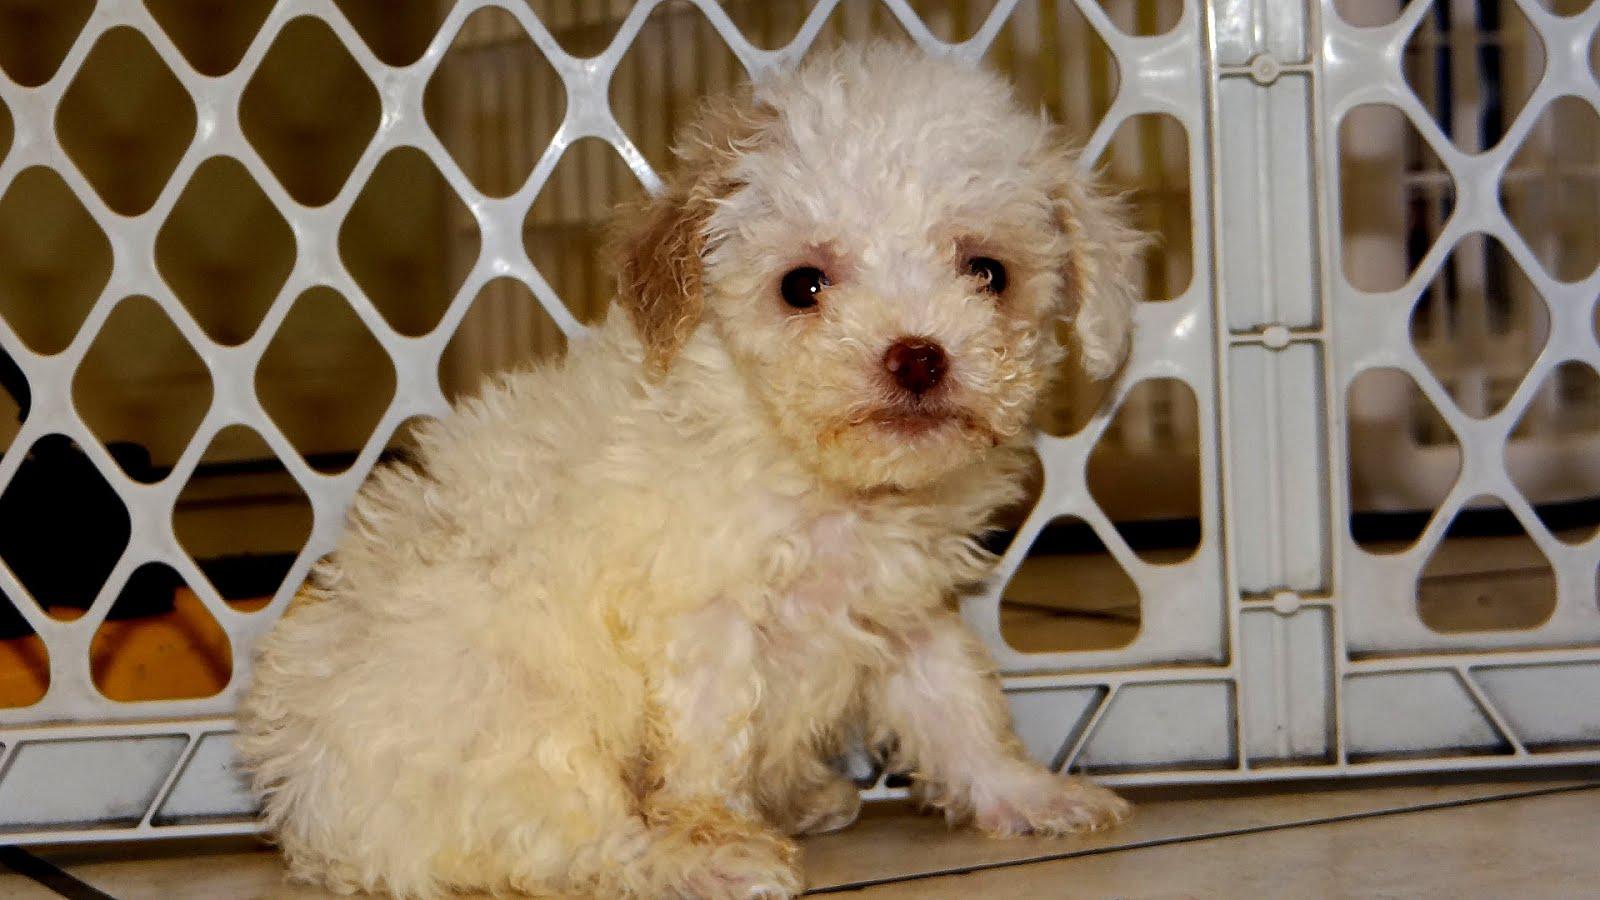 Craigslist San Antonio Pets For Sale - Pet choices